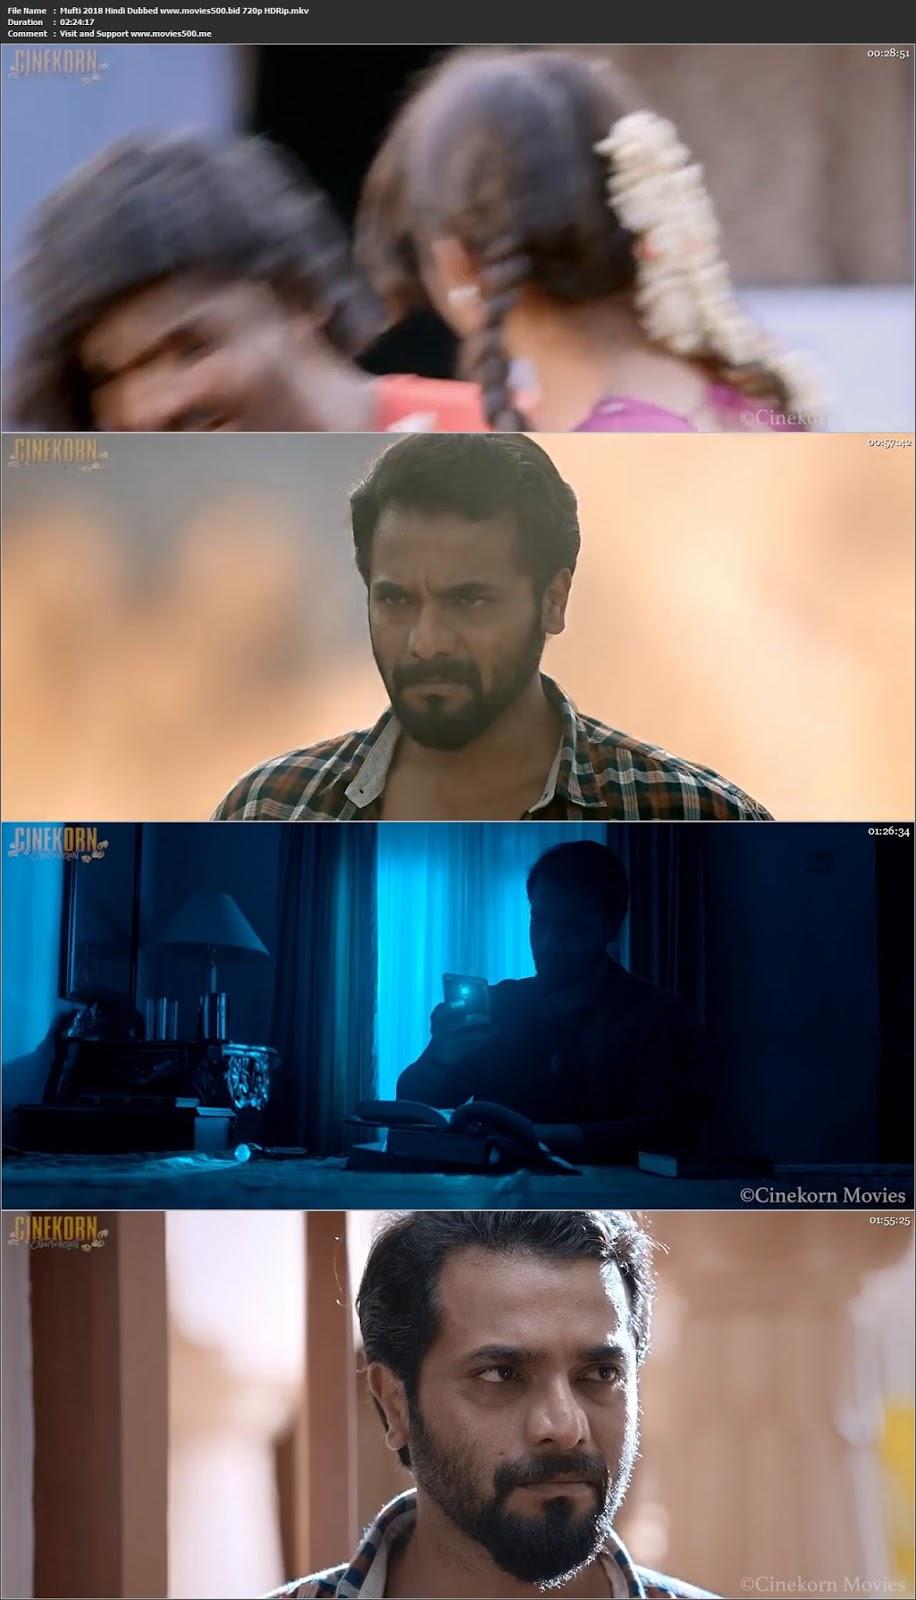 Mufti 2018 Hindi Dubbed Full Movie HDRip 720p at sidsays.org.uk